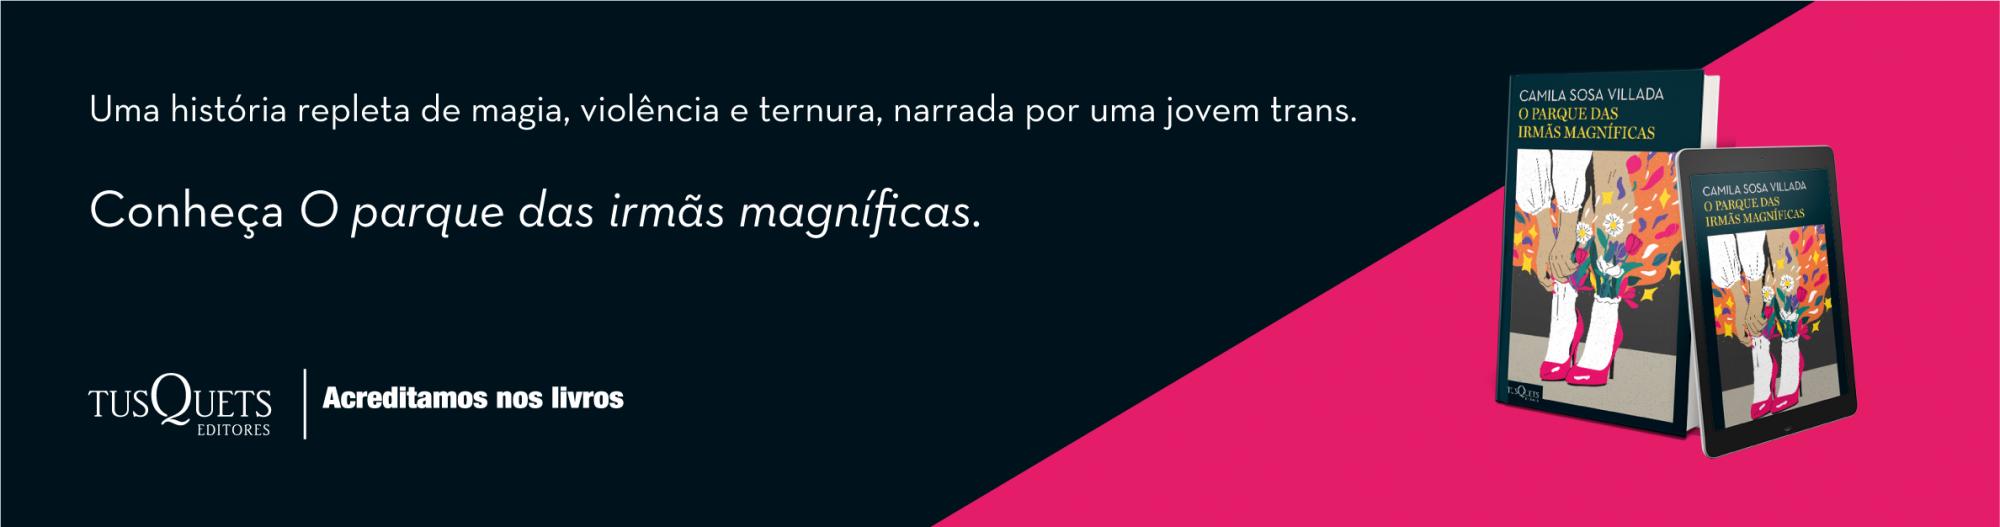 280_1_O_parque_das_irmas_magnificas_2_BANNER_1140_X_300.png